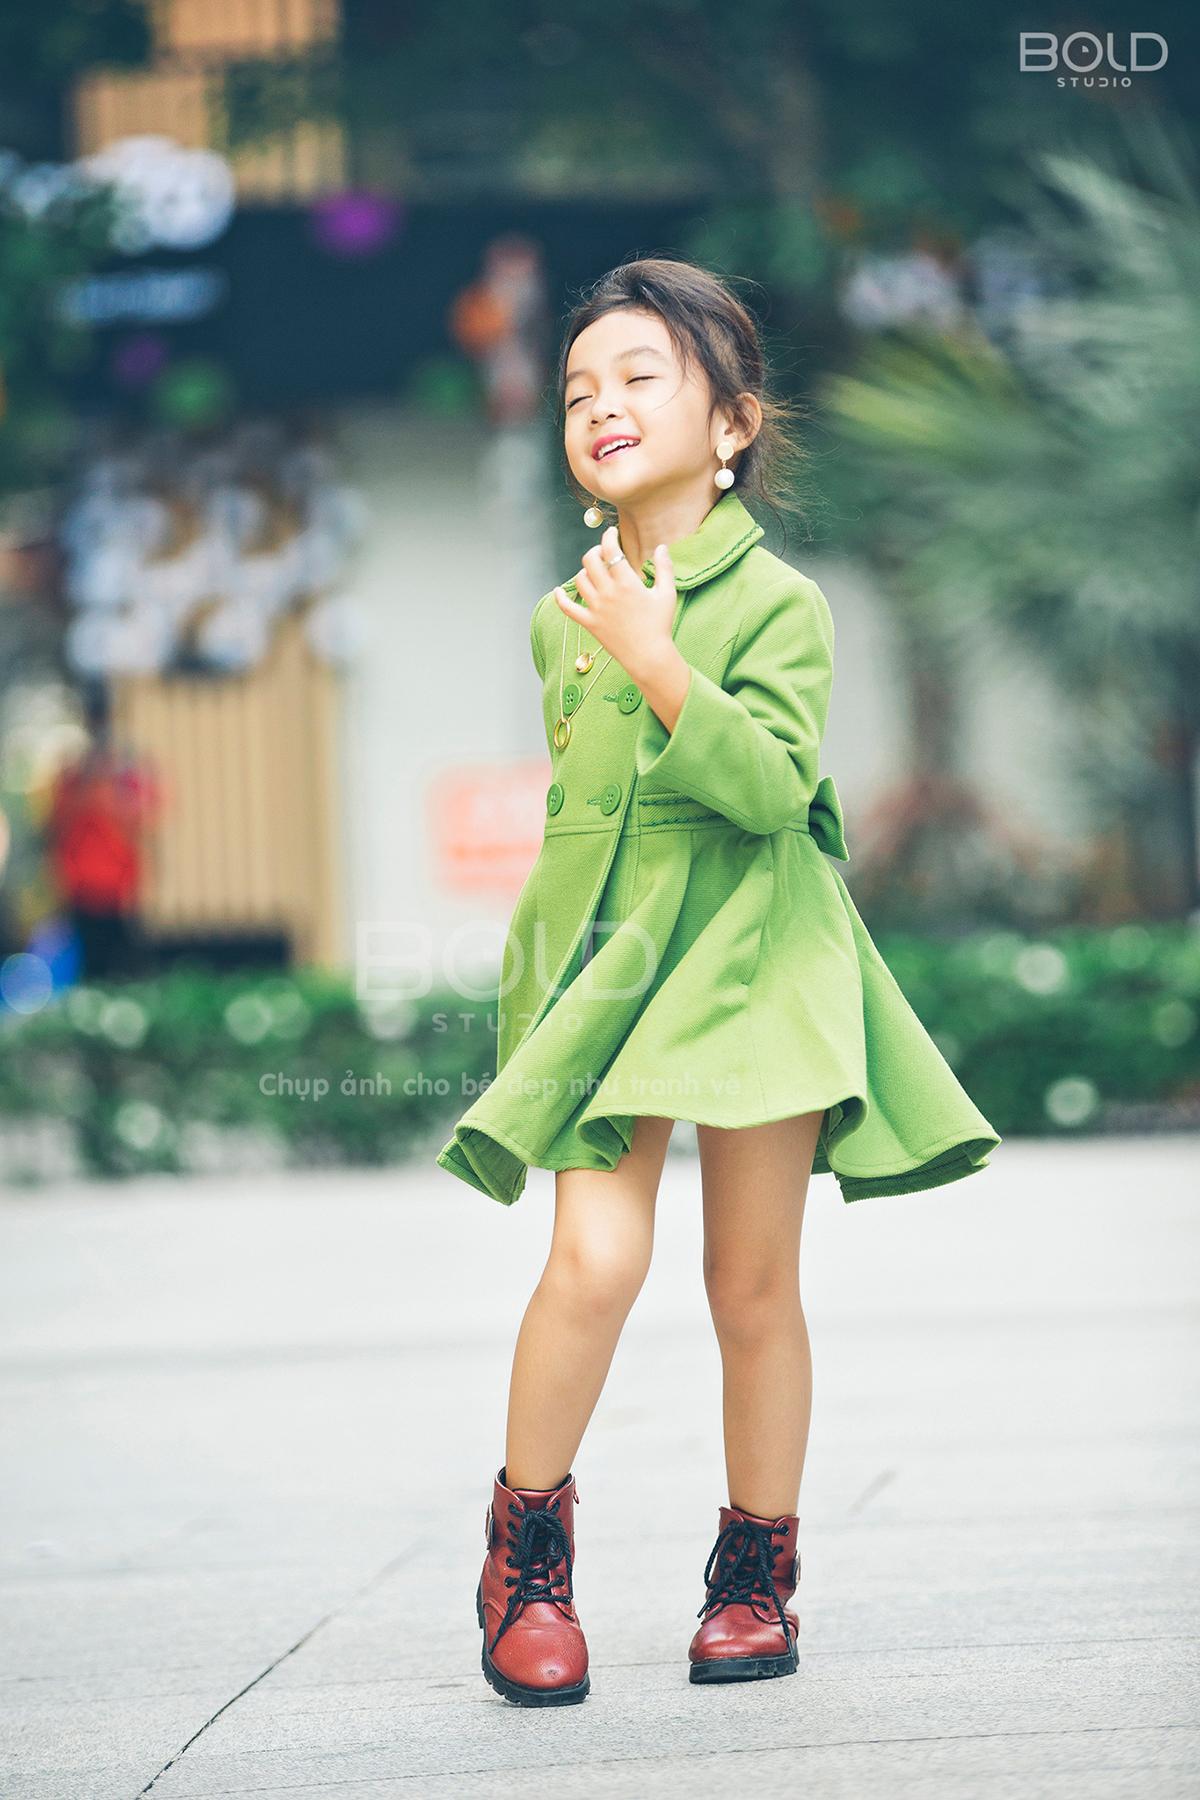 chụp ảnh cho bé đẹp như tranh vẽ